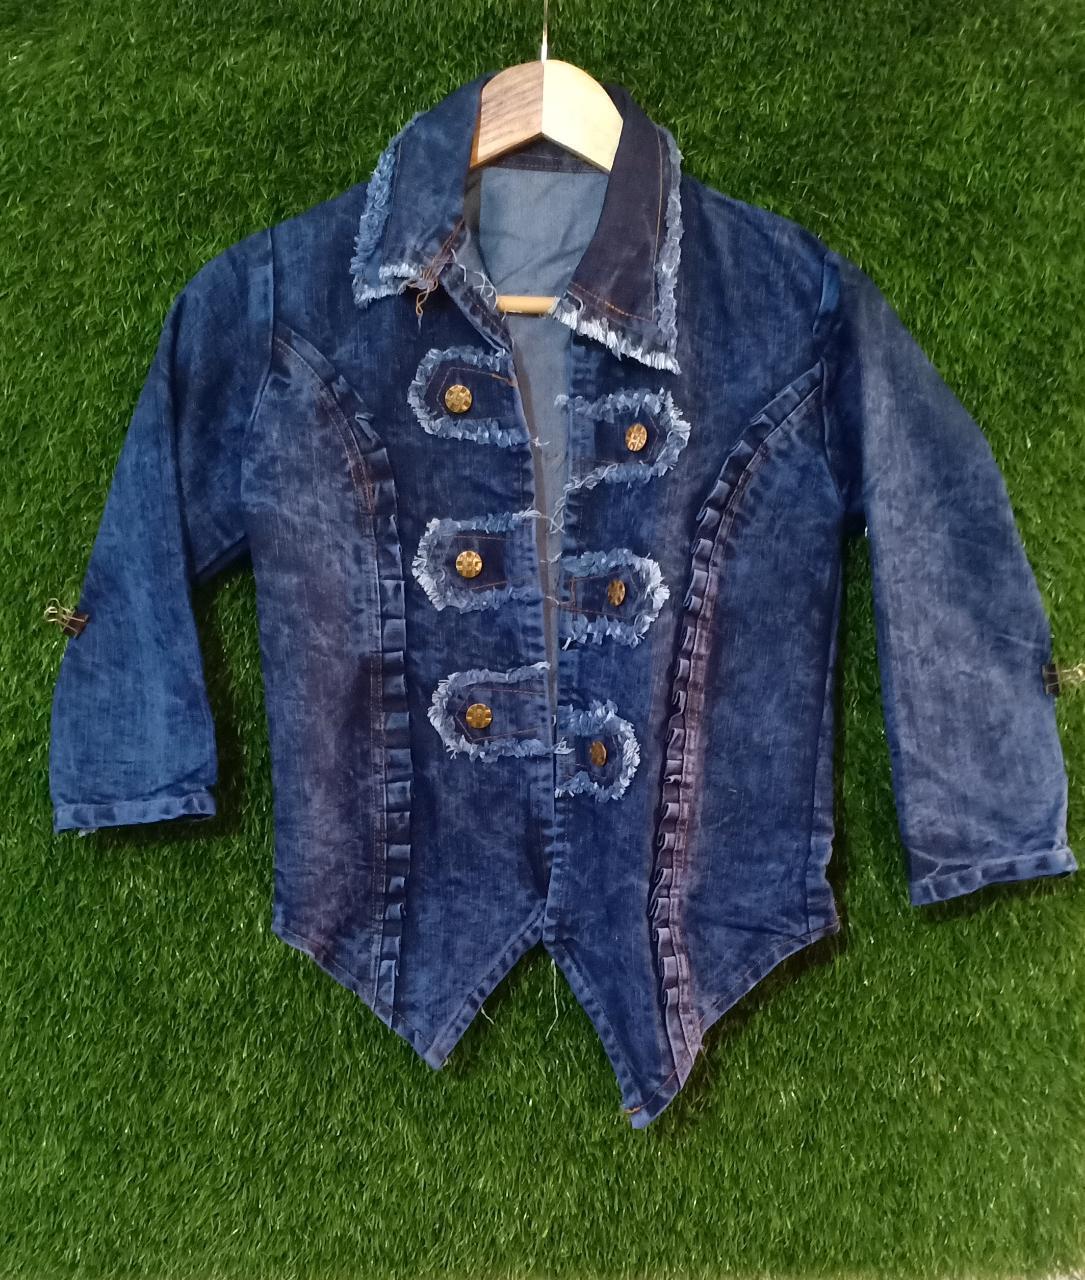 fancy denim jackets